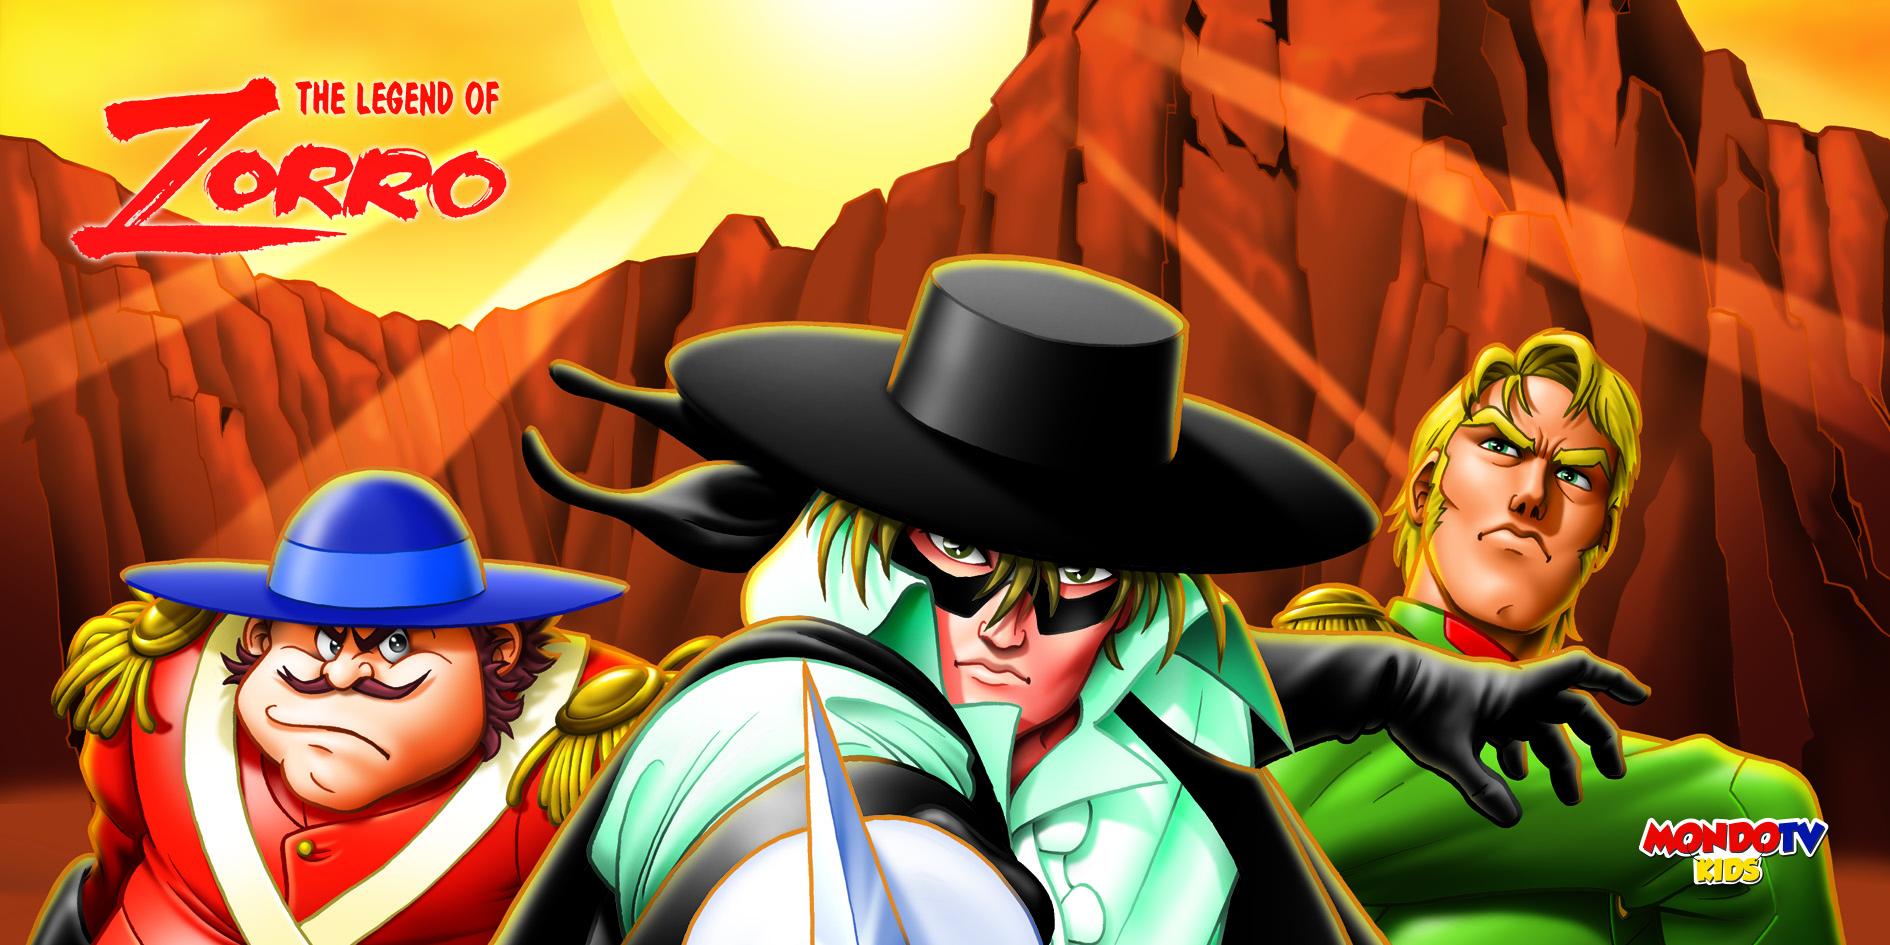 Mondo Tv Kids Zorro - Tv. Mondo Tv lancia un nuovo canale di cartoon per le smart tv. Mondo Tv Kids su piattaforma Samsung Tv Plus